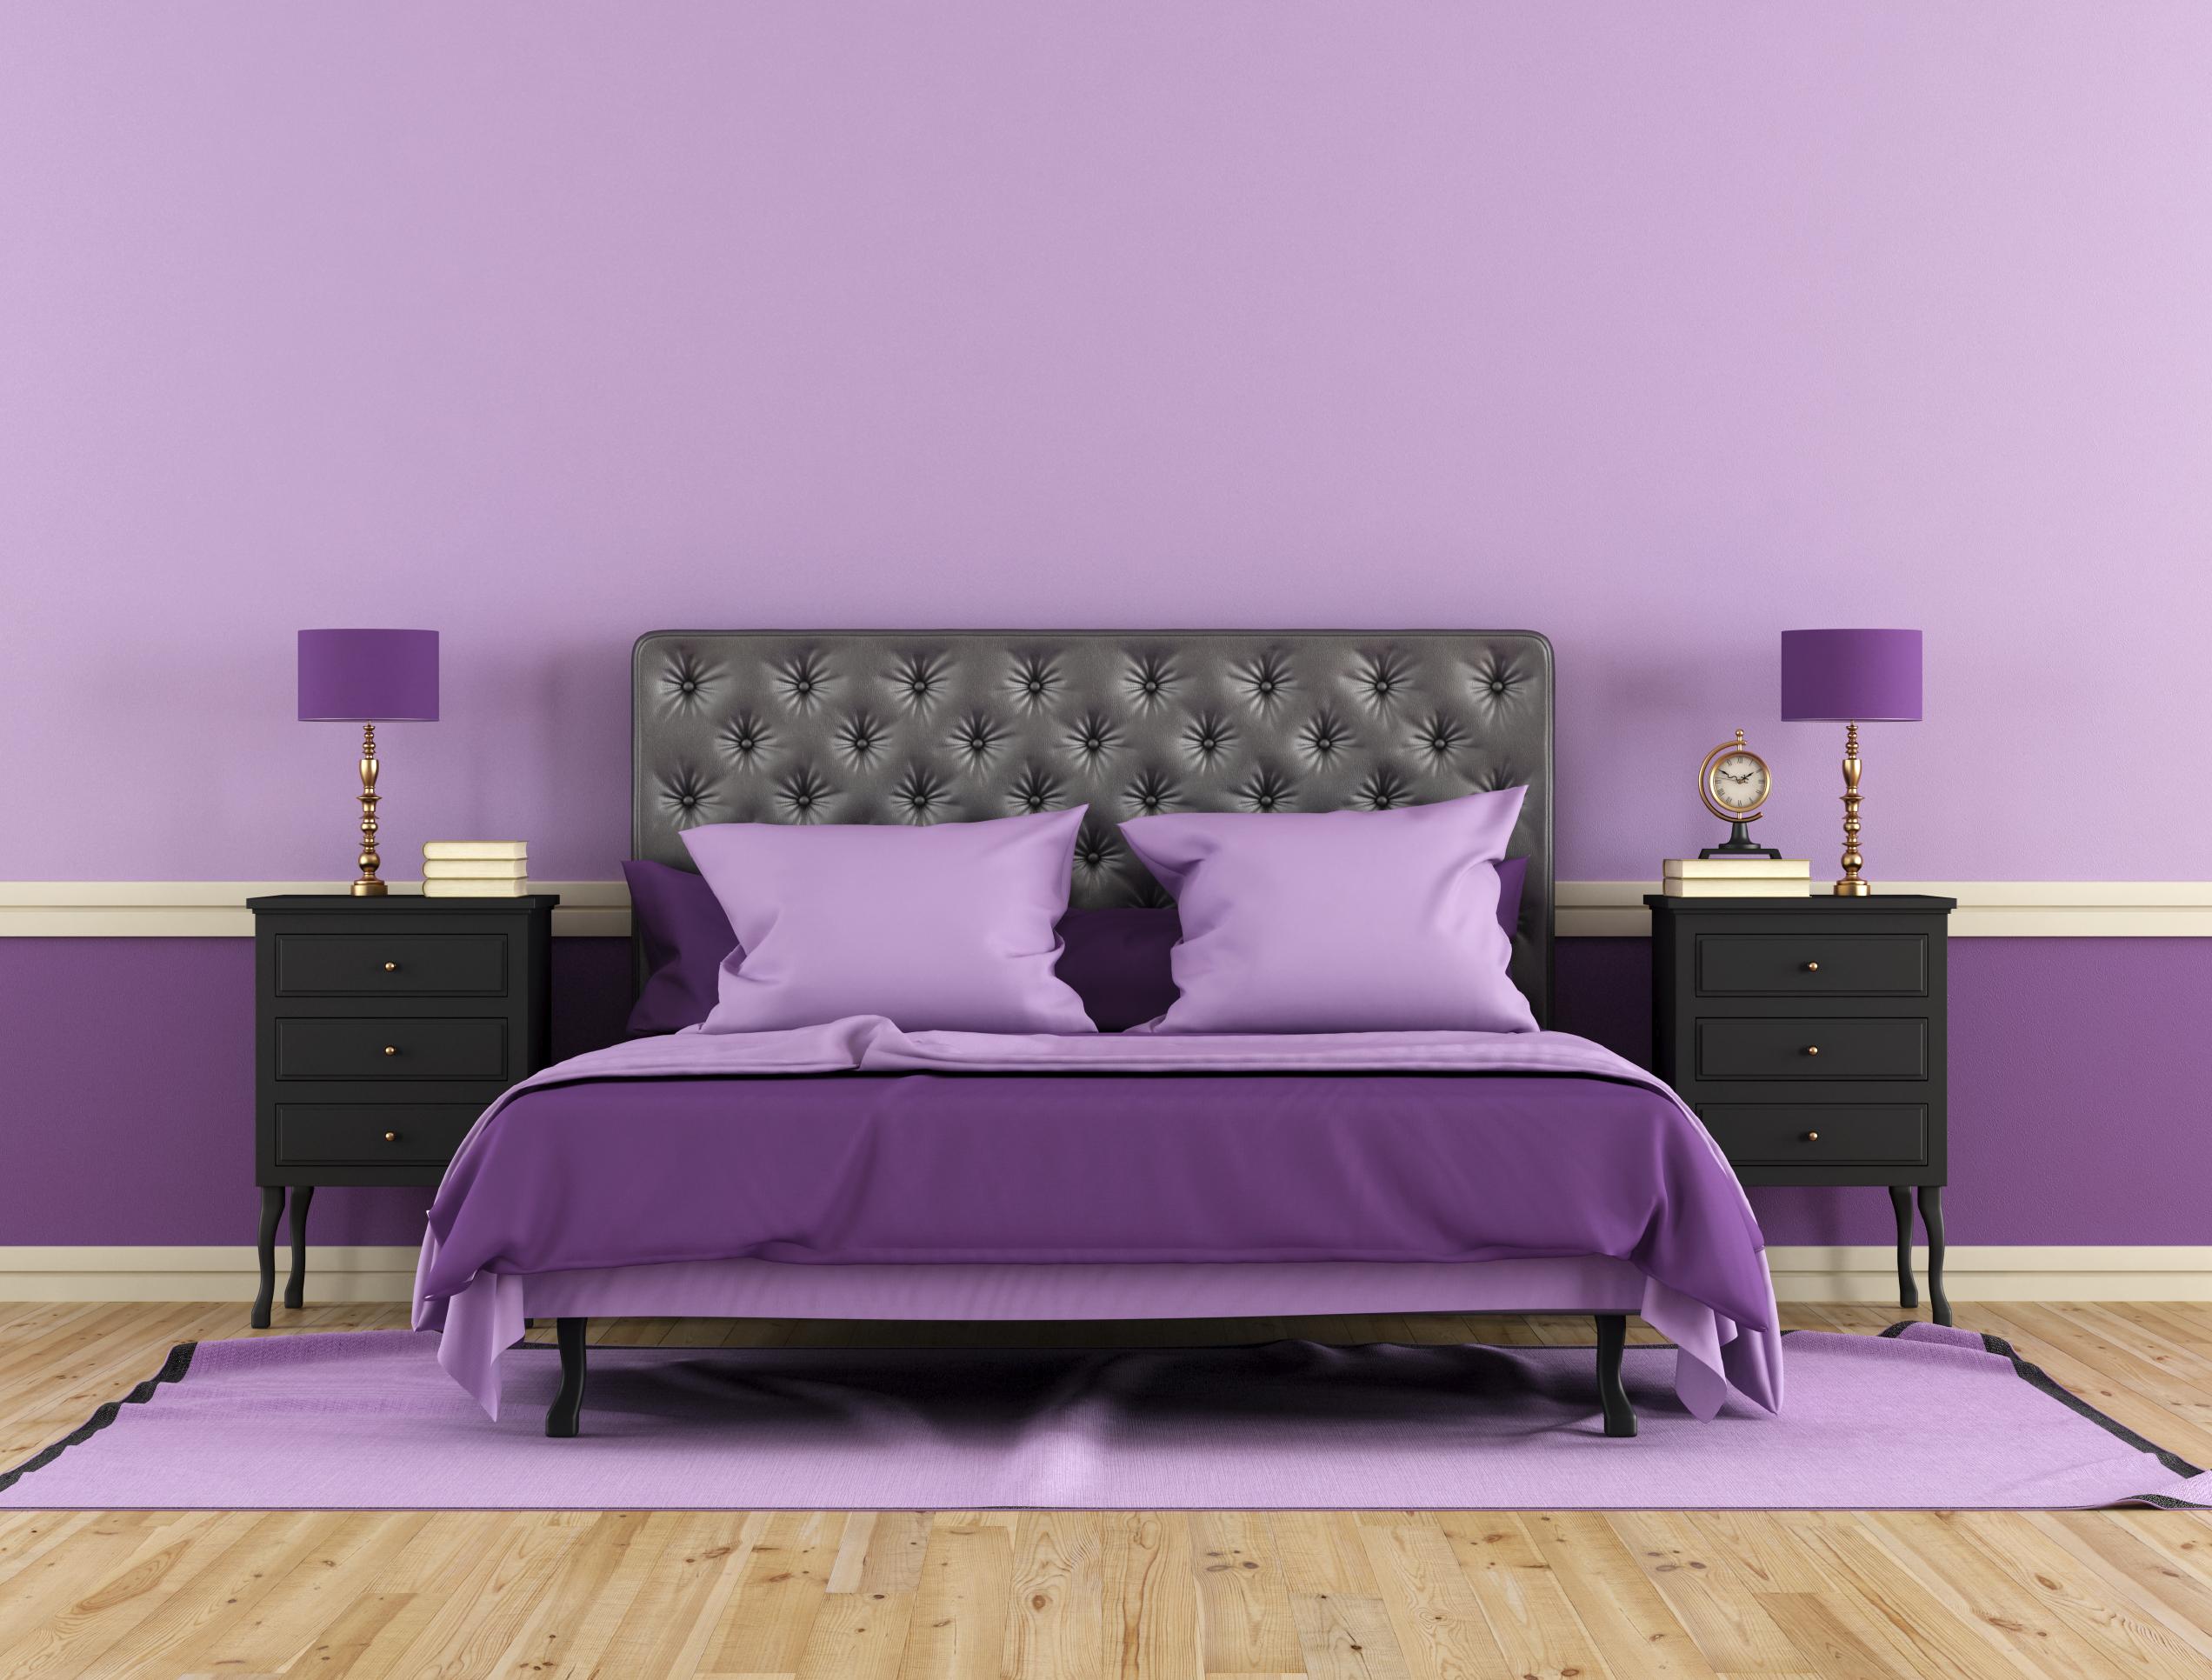 Die ideale Wandfarbe fürs Schlafzimmer   erdbeerlounge.de